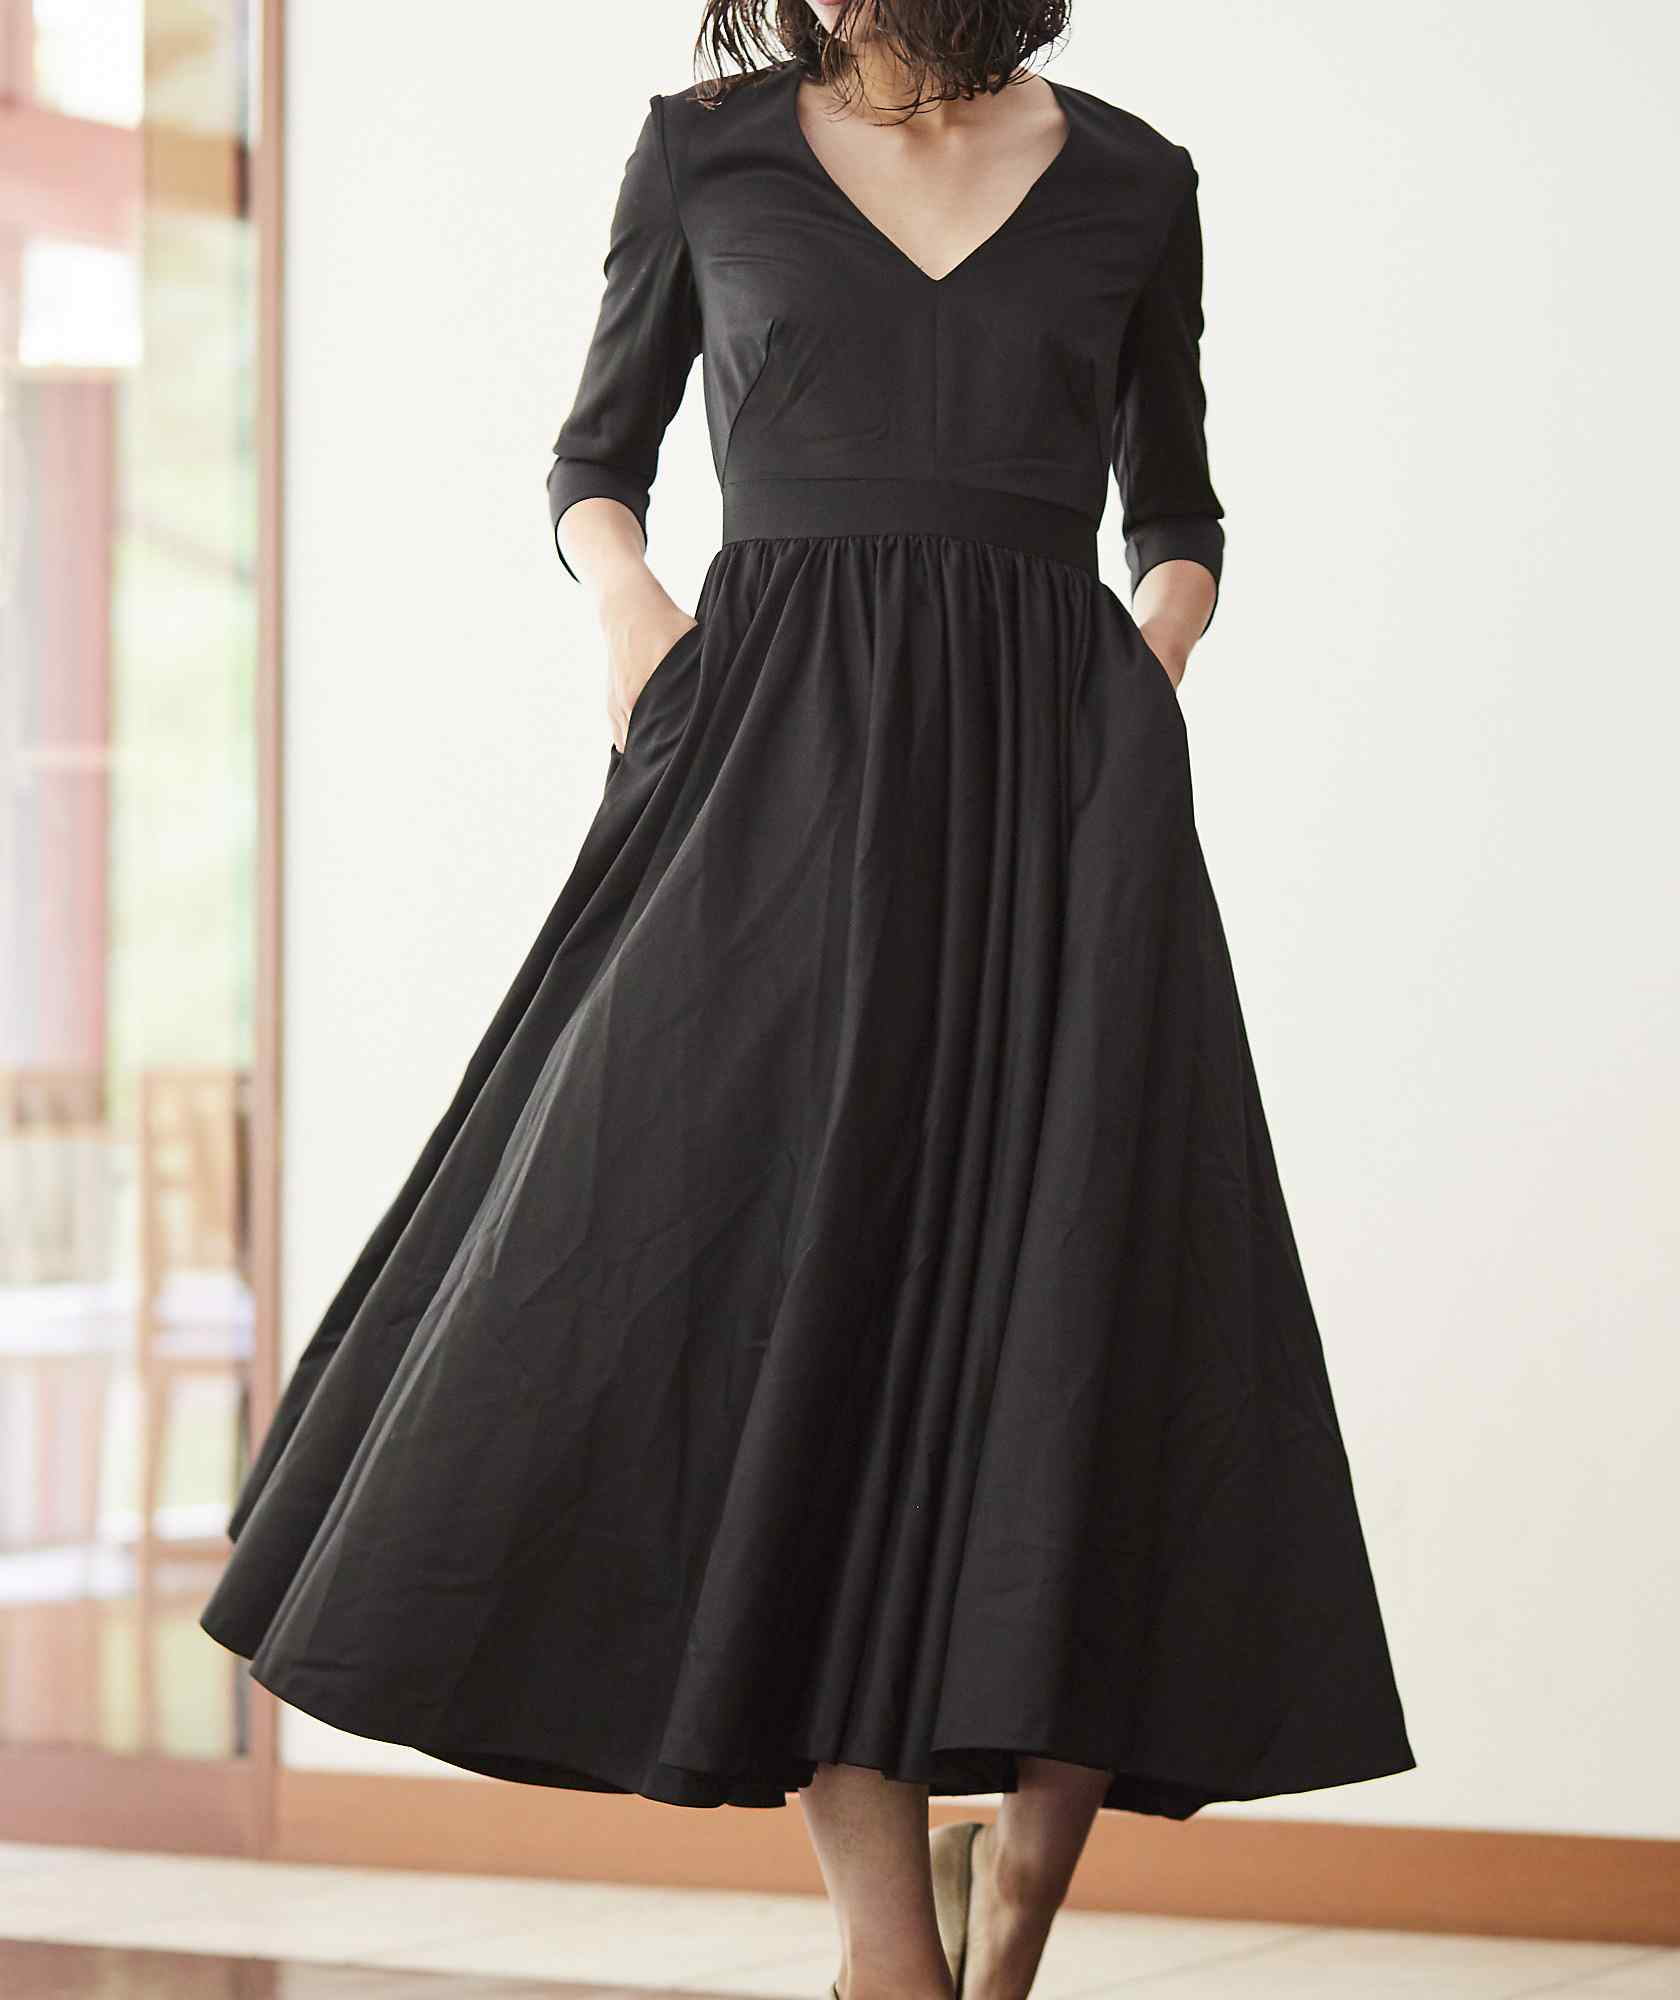 Vネックフレアレディミディアムドレス-ブラック-S